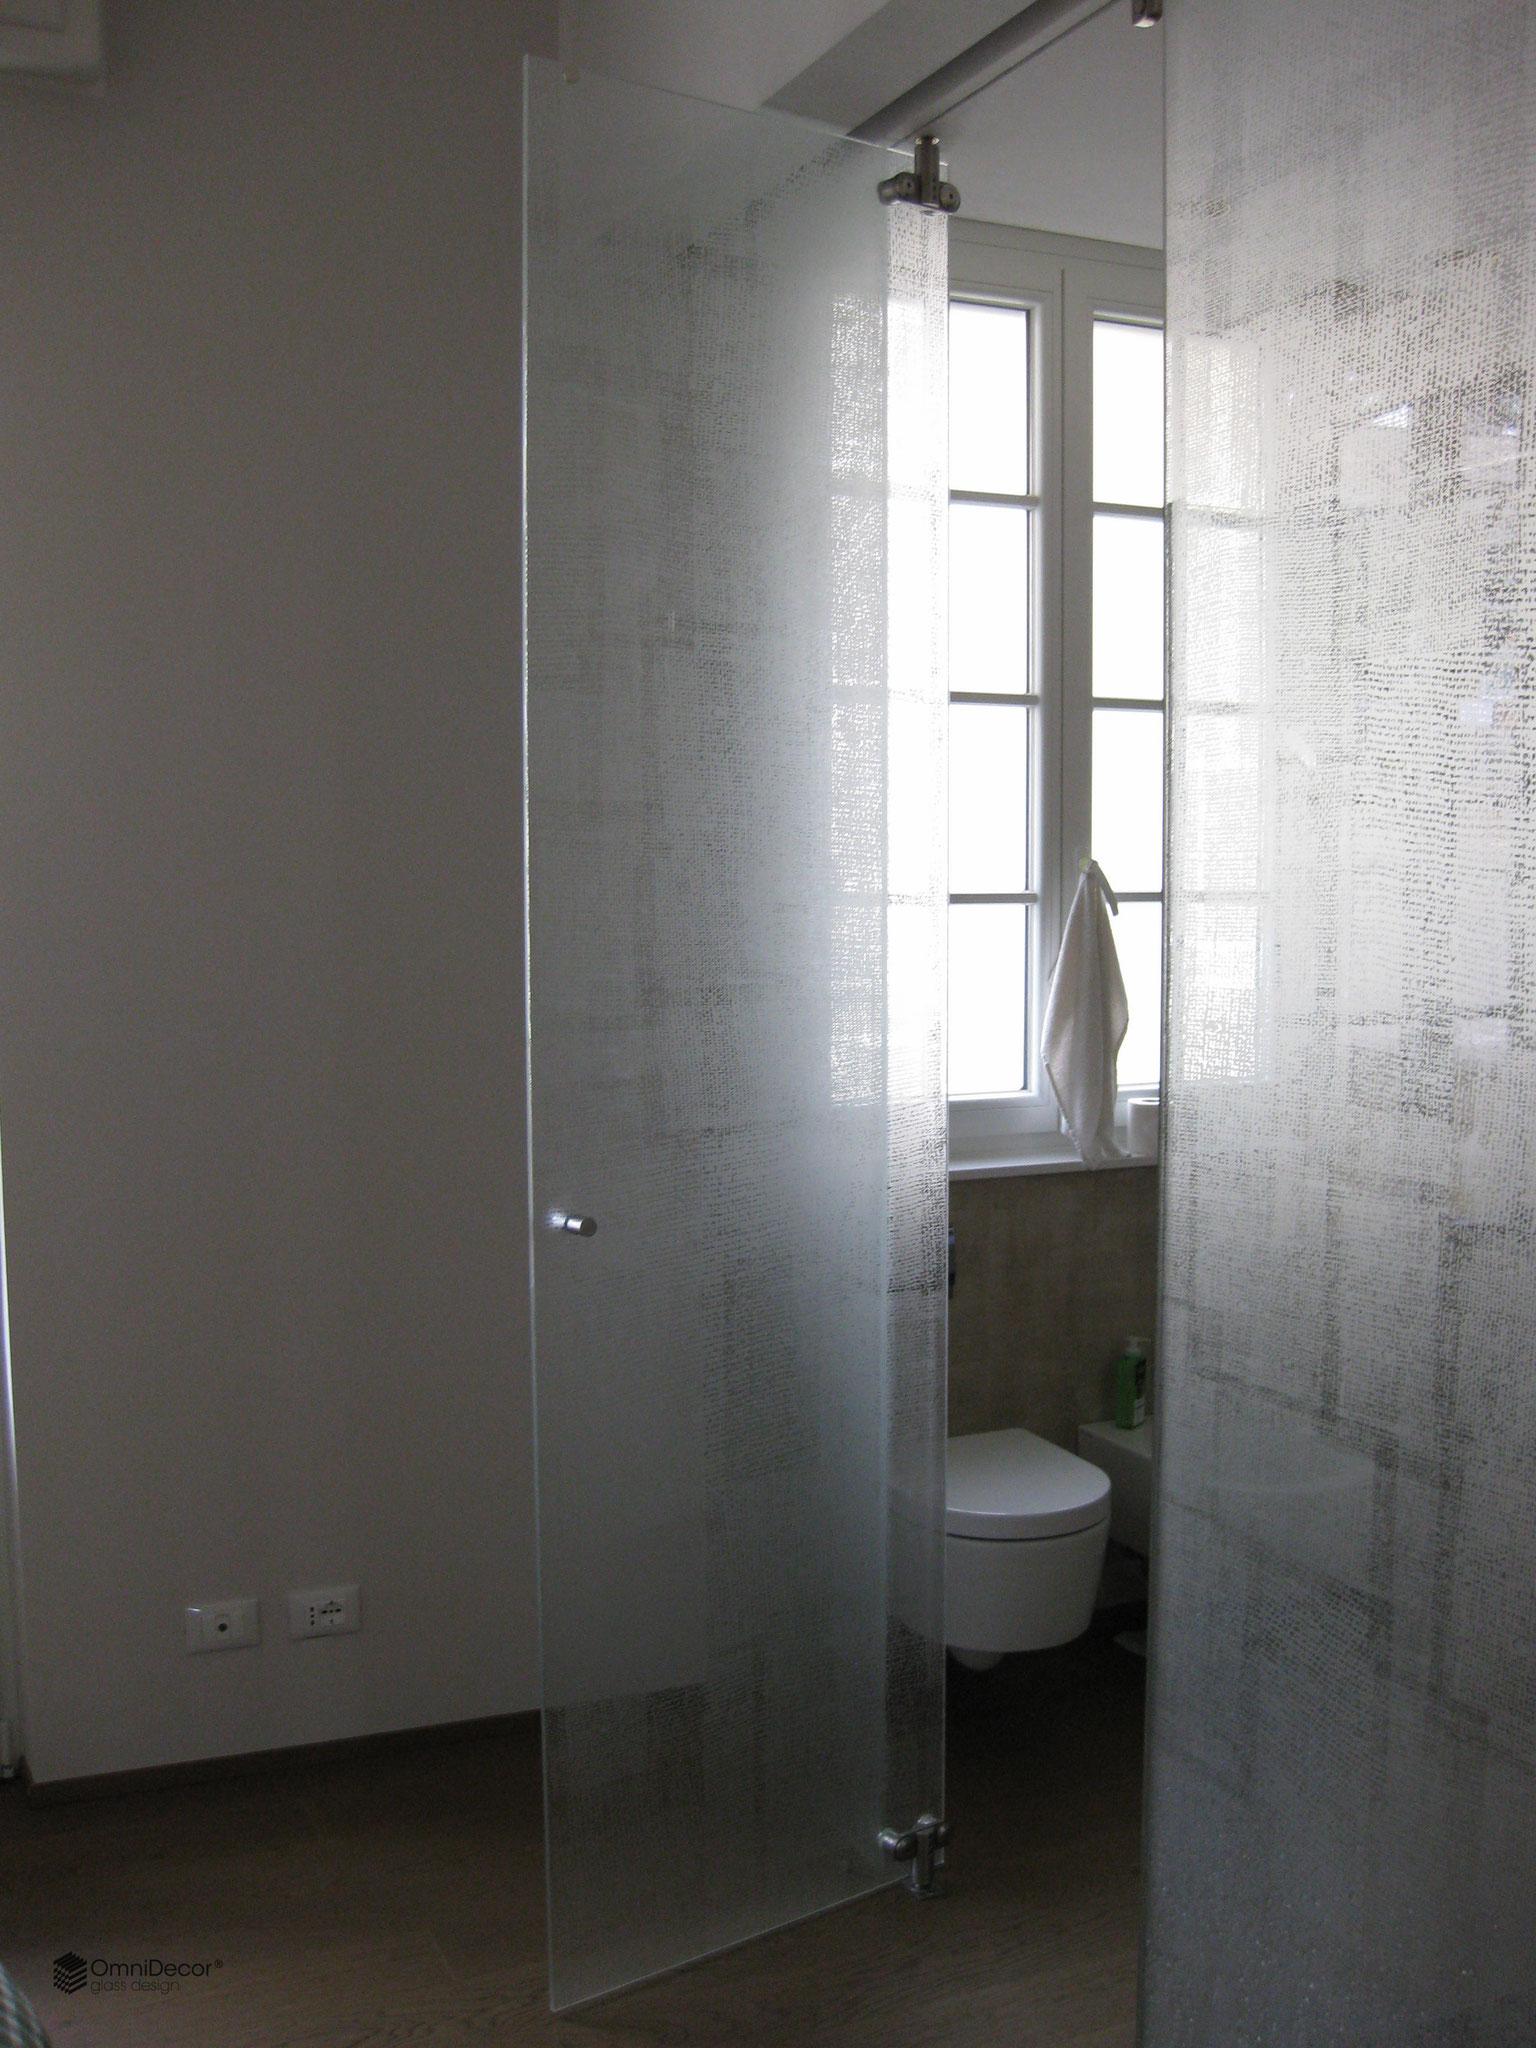 Anwedungsbereiche Sind Möbel Türen Duschen Küchen Wandverkleidungen Sowie Fassaden Und Geländer